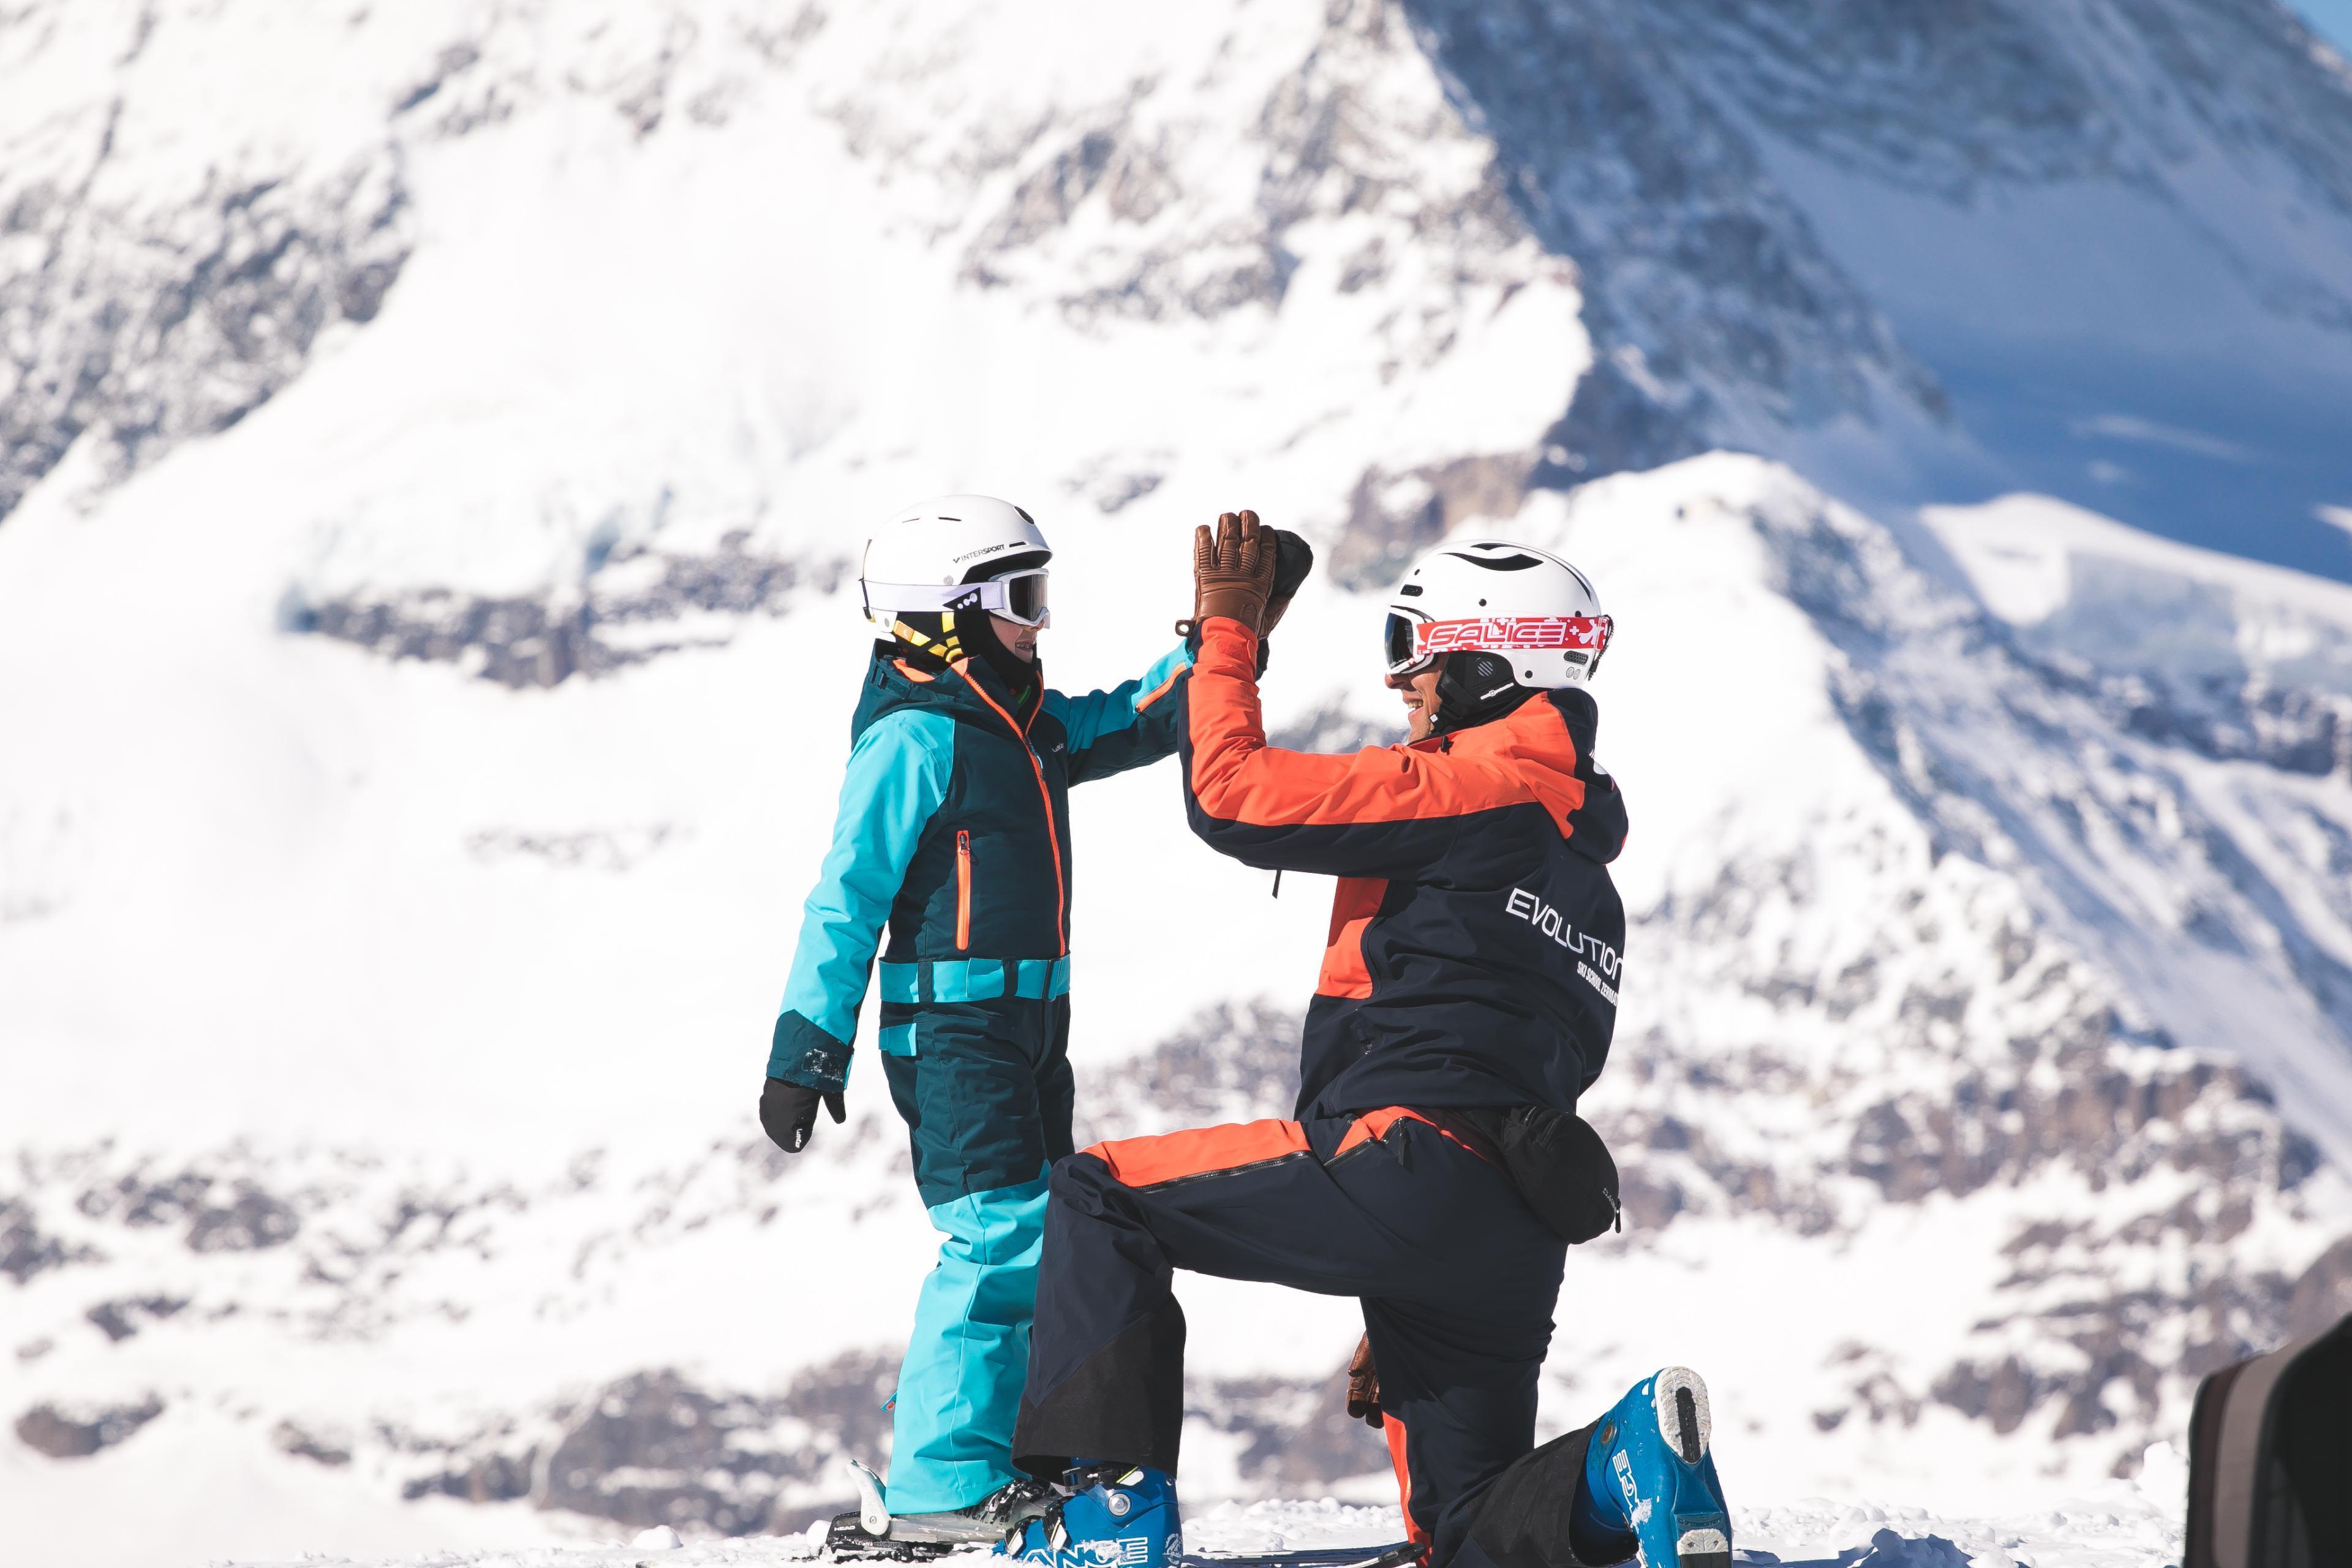 Cours de ski Enfants (7-11 ans) - Journée